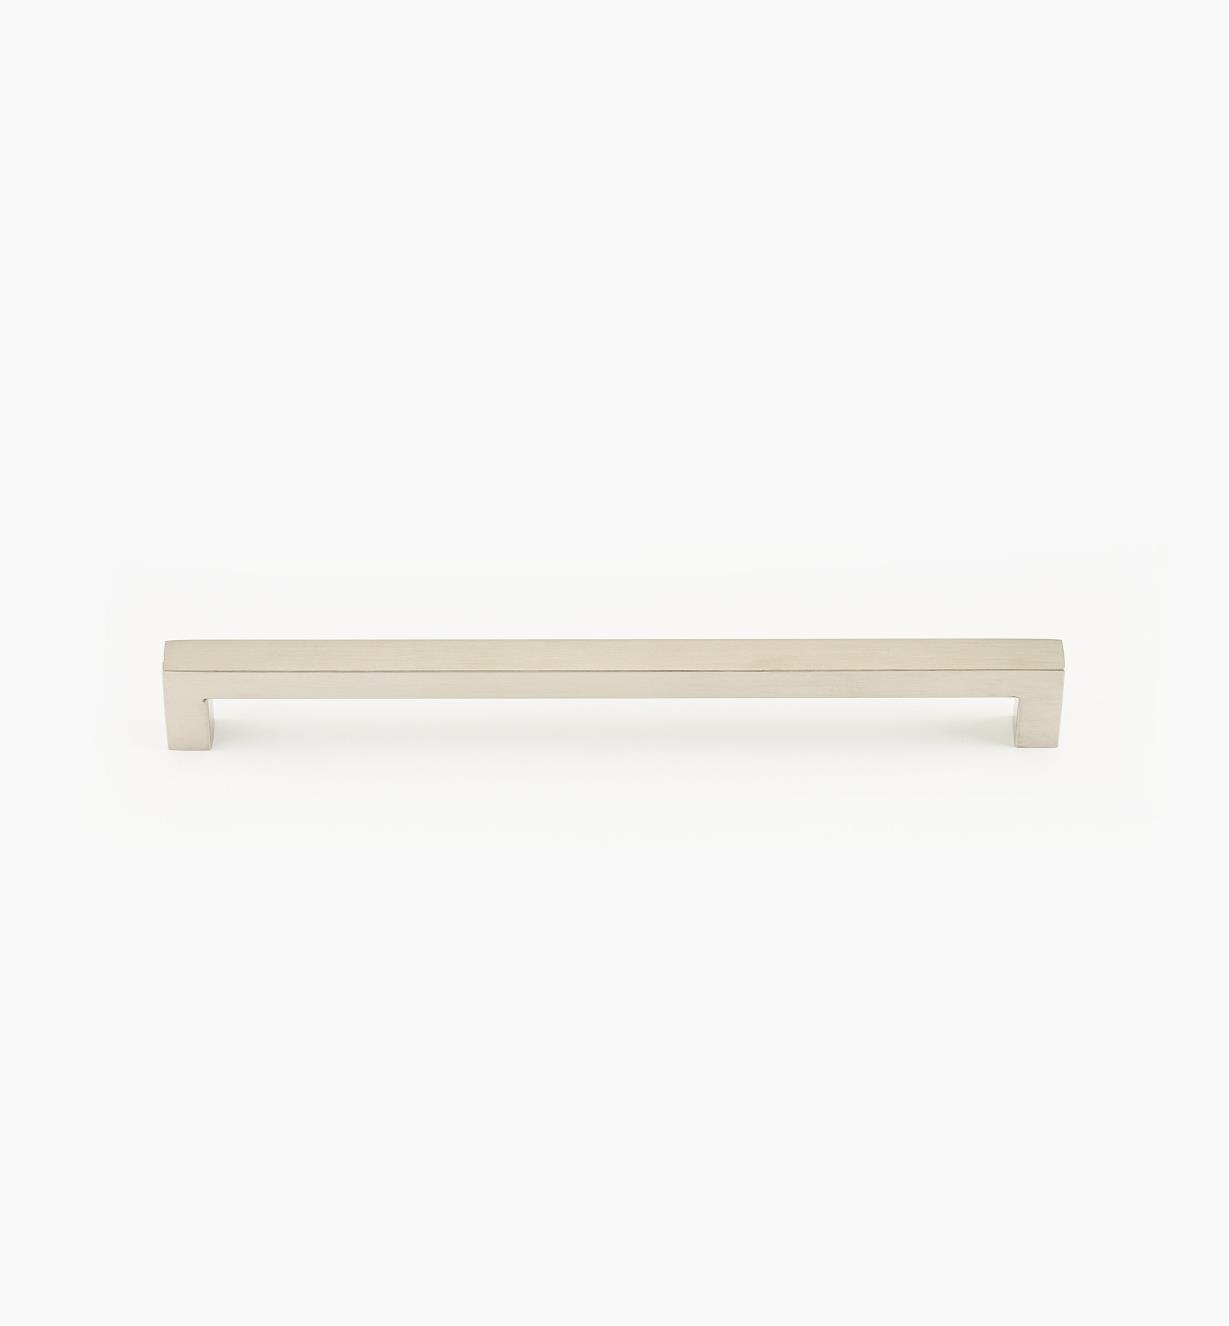 01W8017 - Poignée-tube carrée en acier inoxydable, 288mm